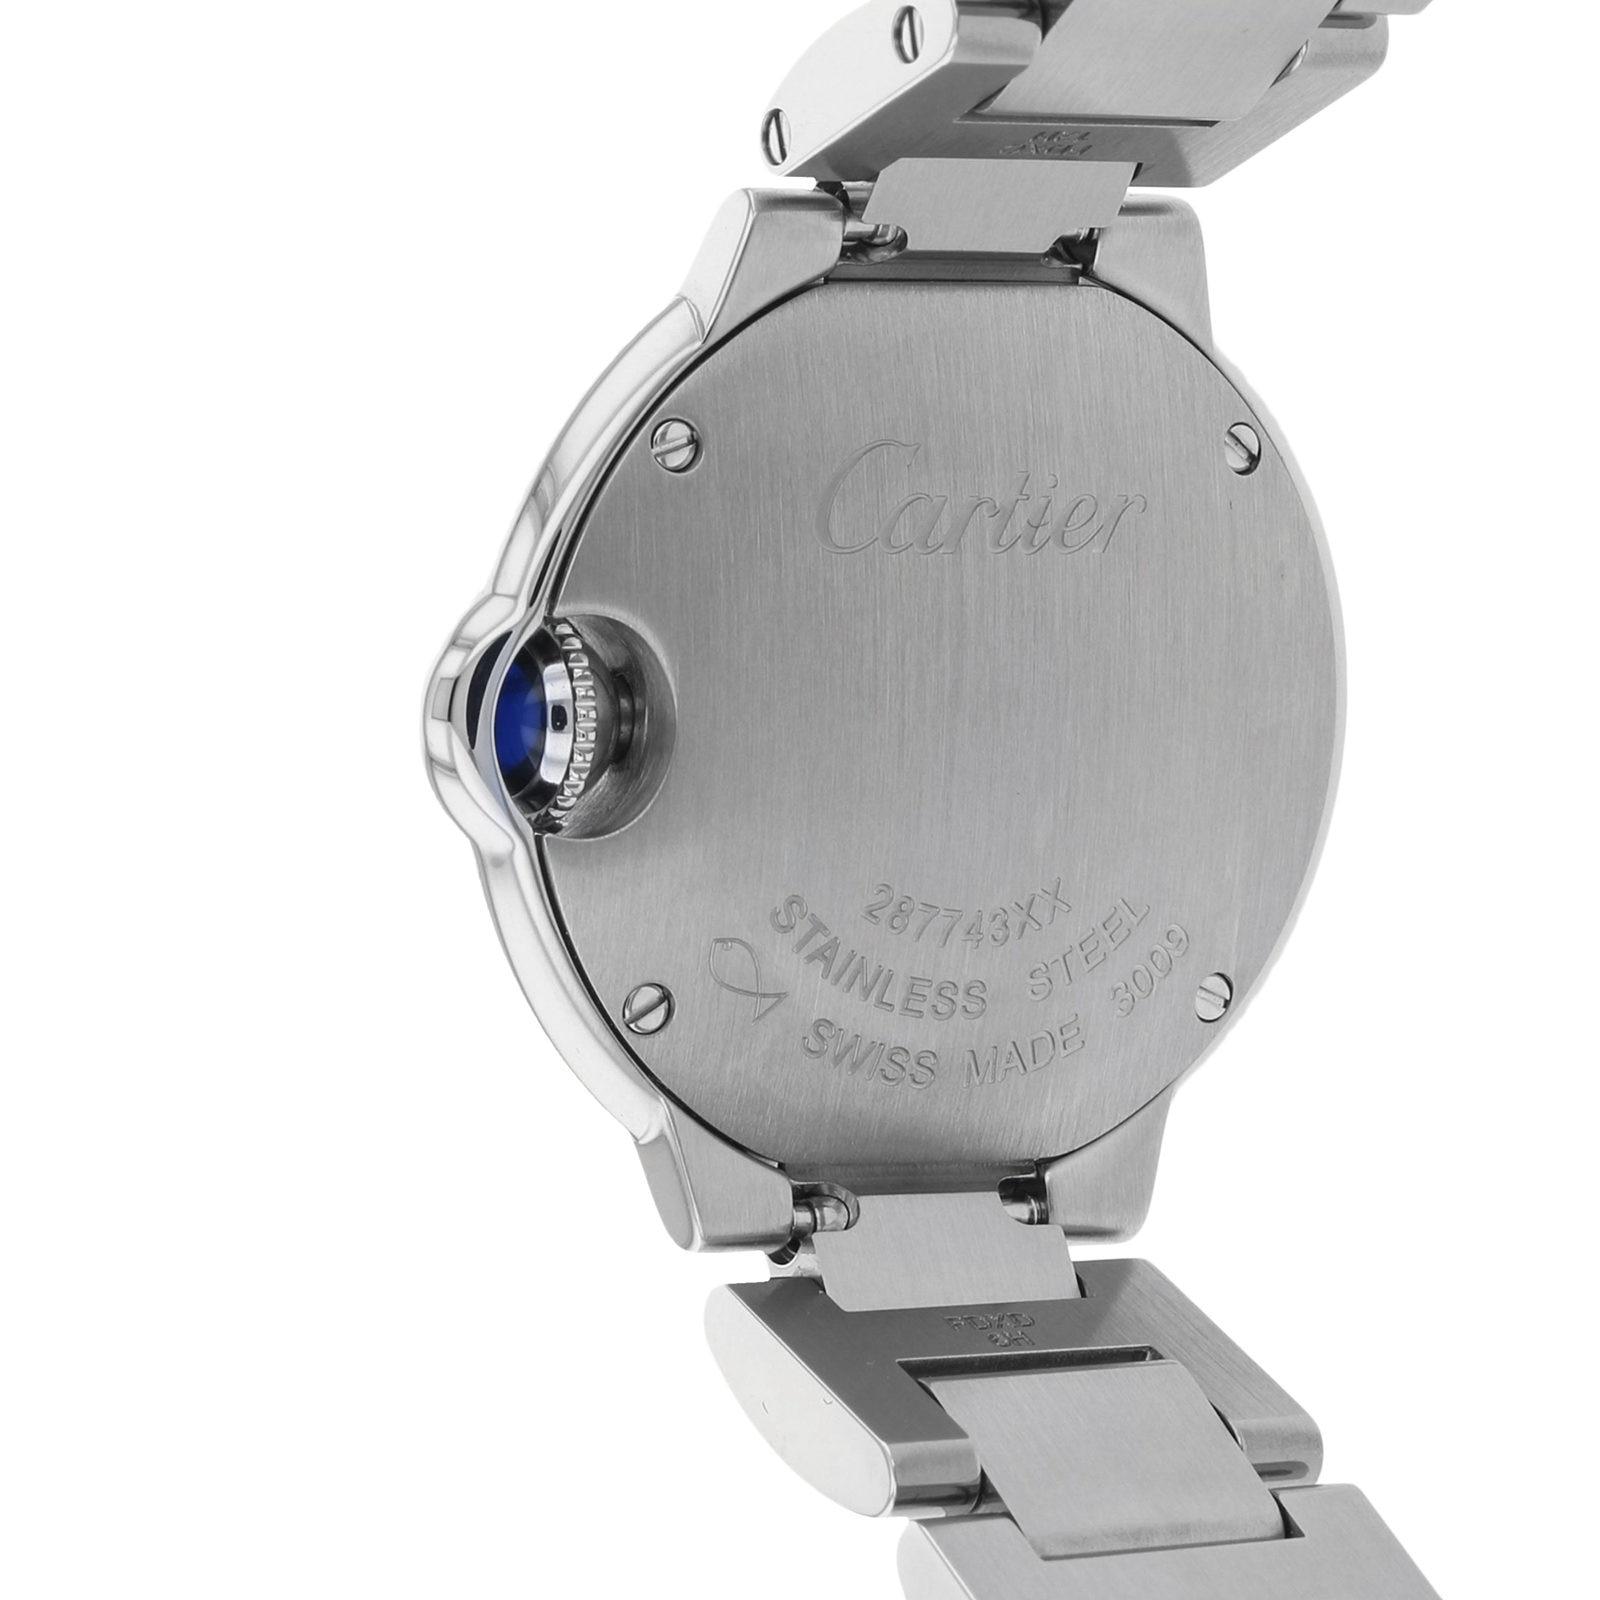 Cartier Ballon Bleu de Cartier watch 28 mm, steel